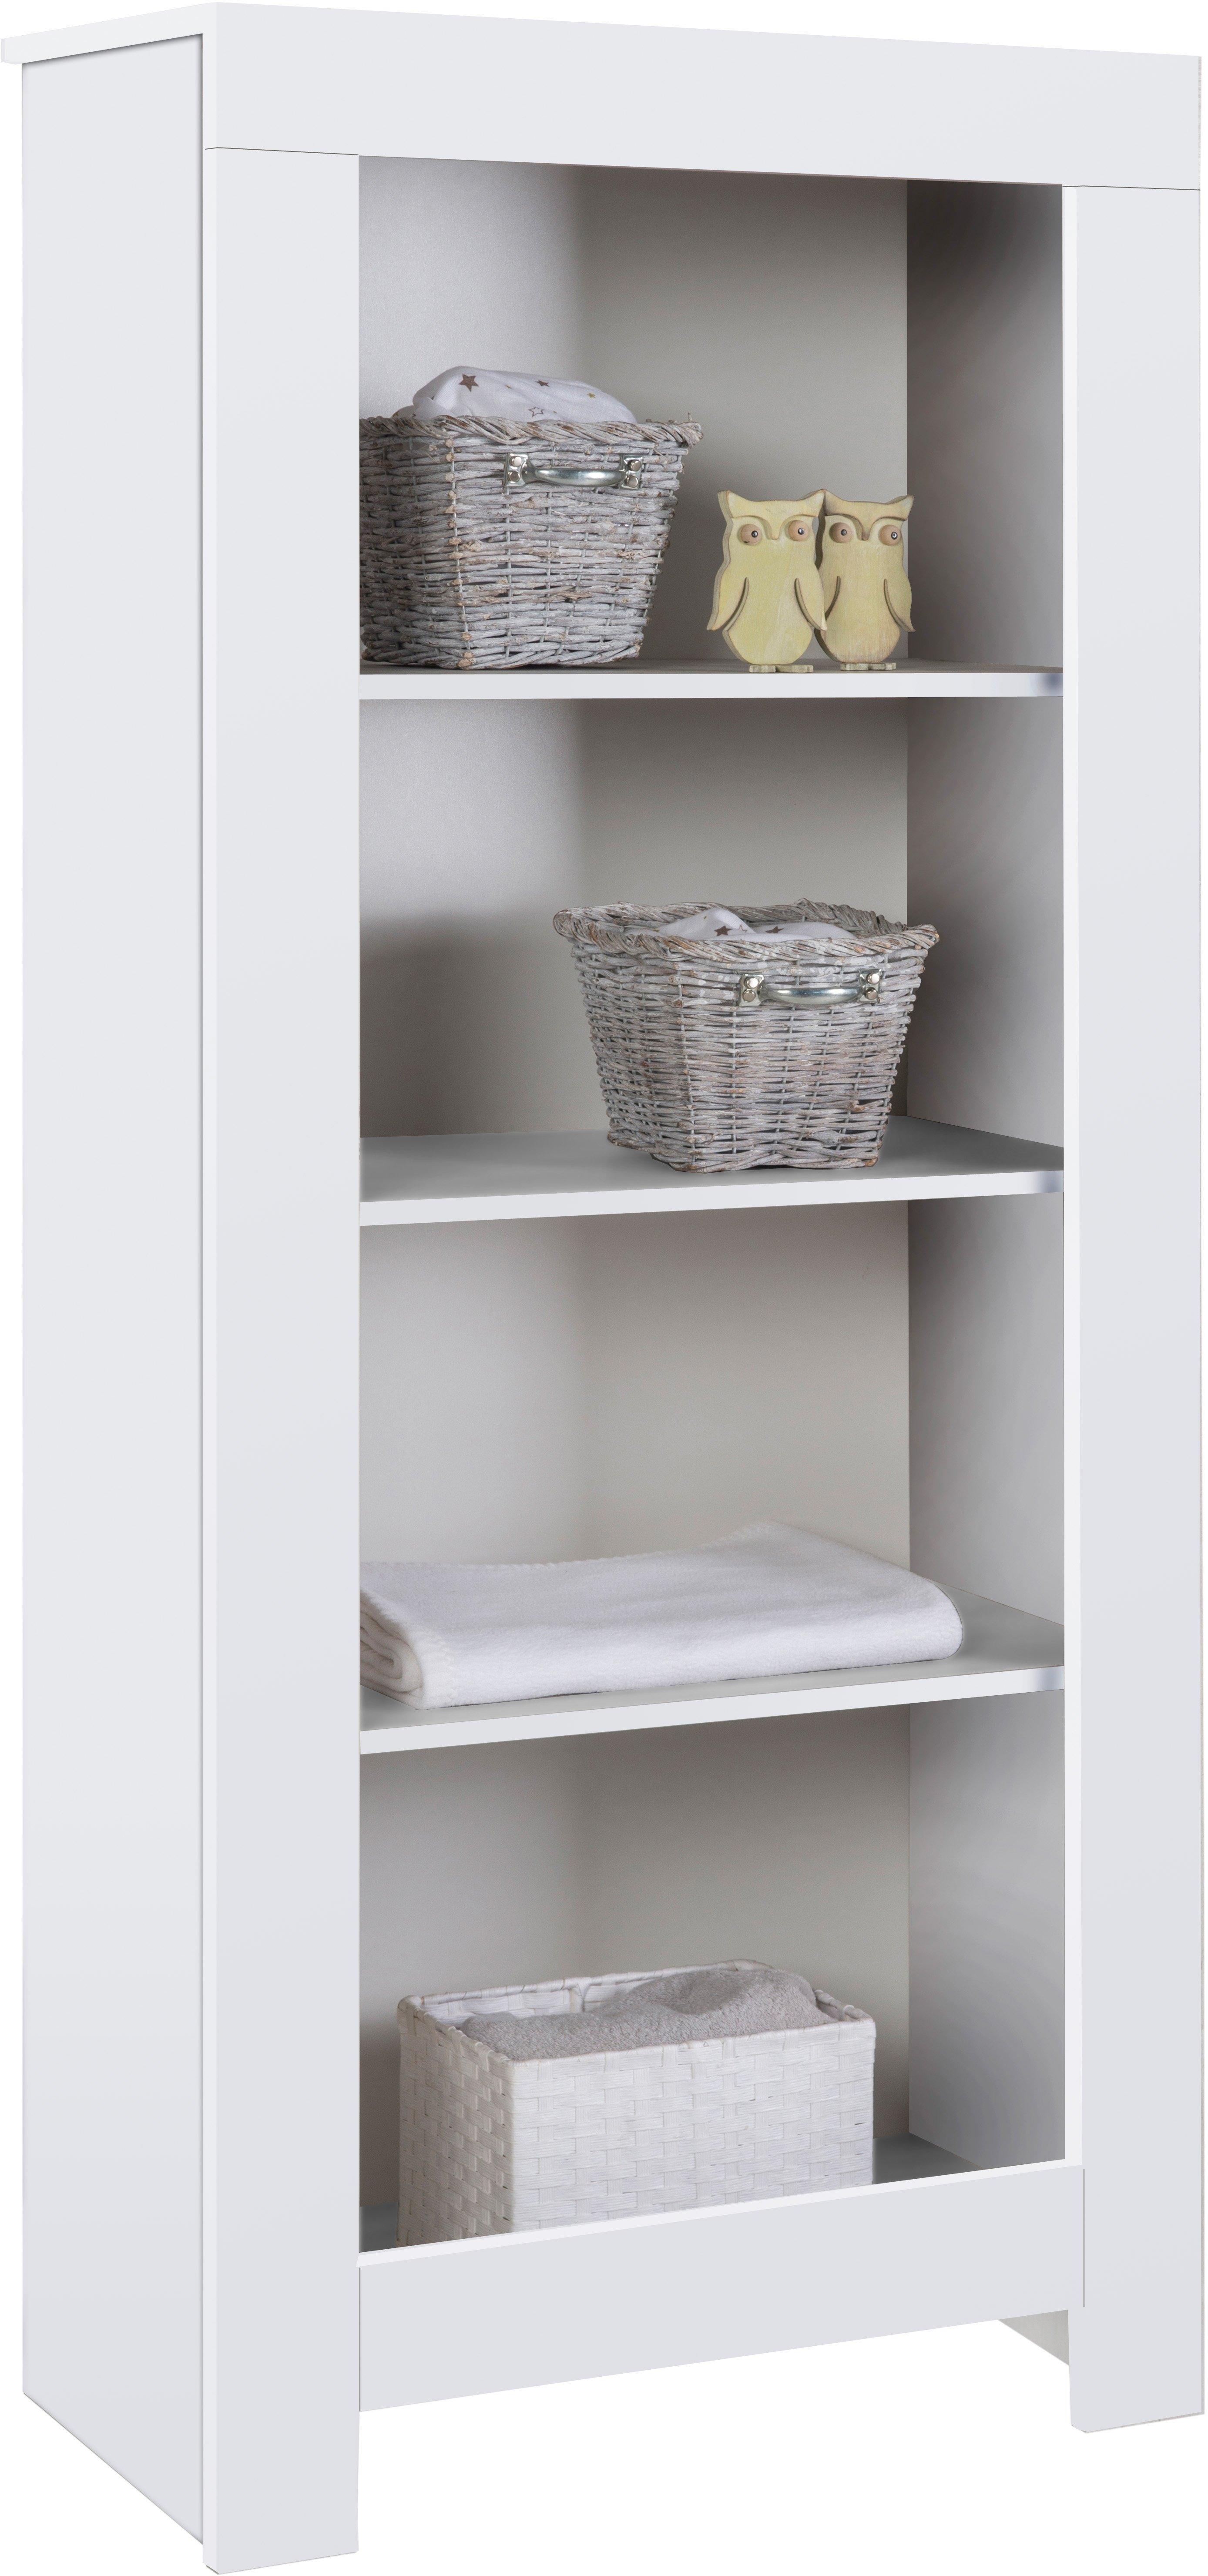 Schardt staand rek Nordic White Made in Germany - gratis ruilen op otto.nl